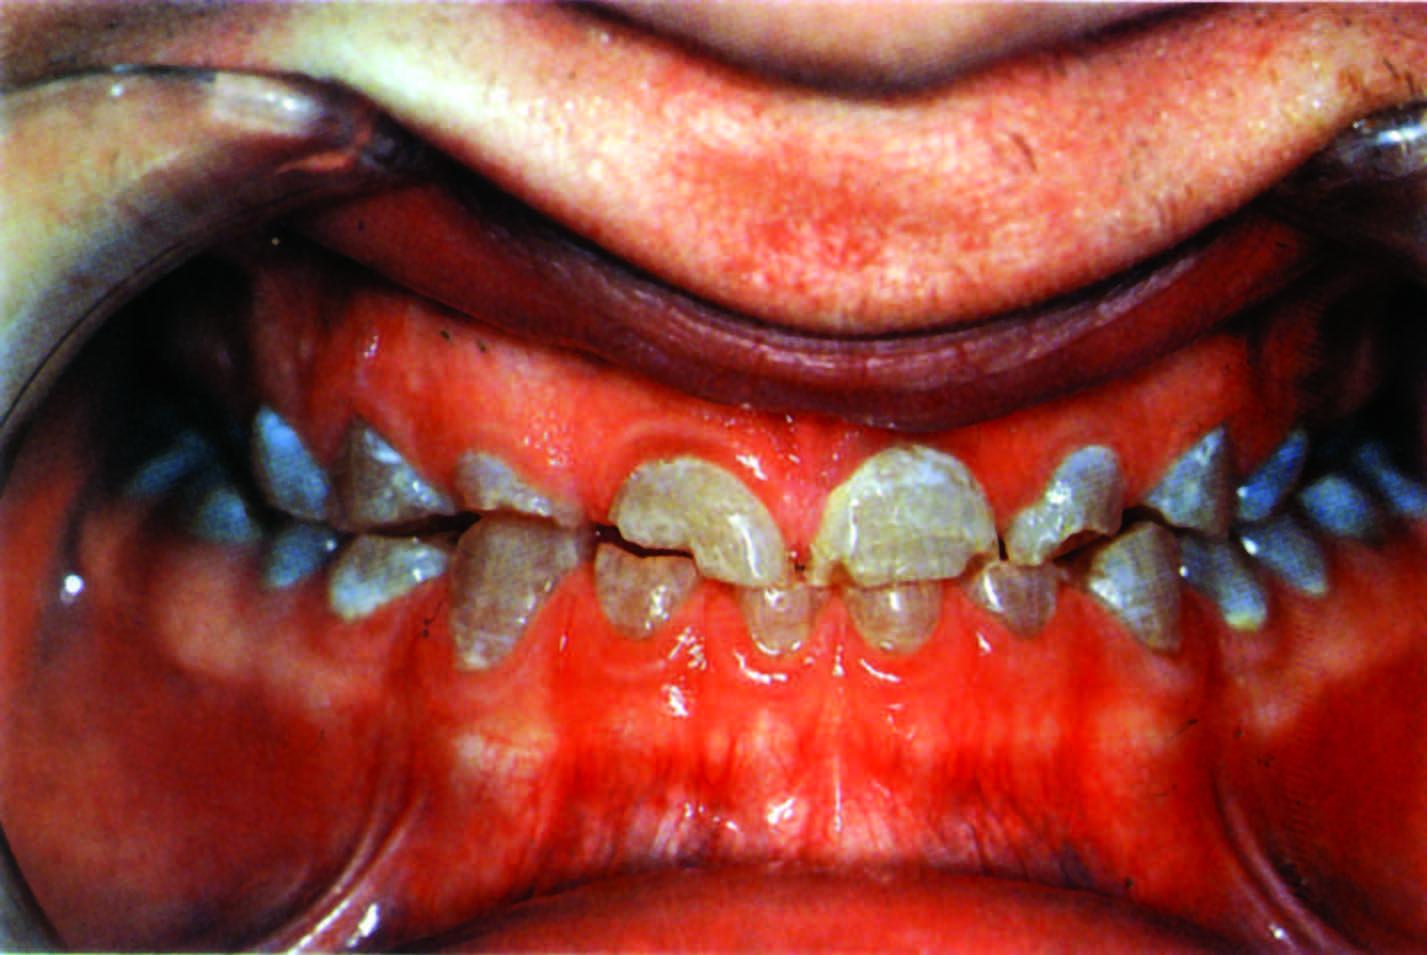 تلون الأسنان باللون الرمادي وتاكلها الشديد  نتيجة سوء تشكل العاج.